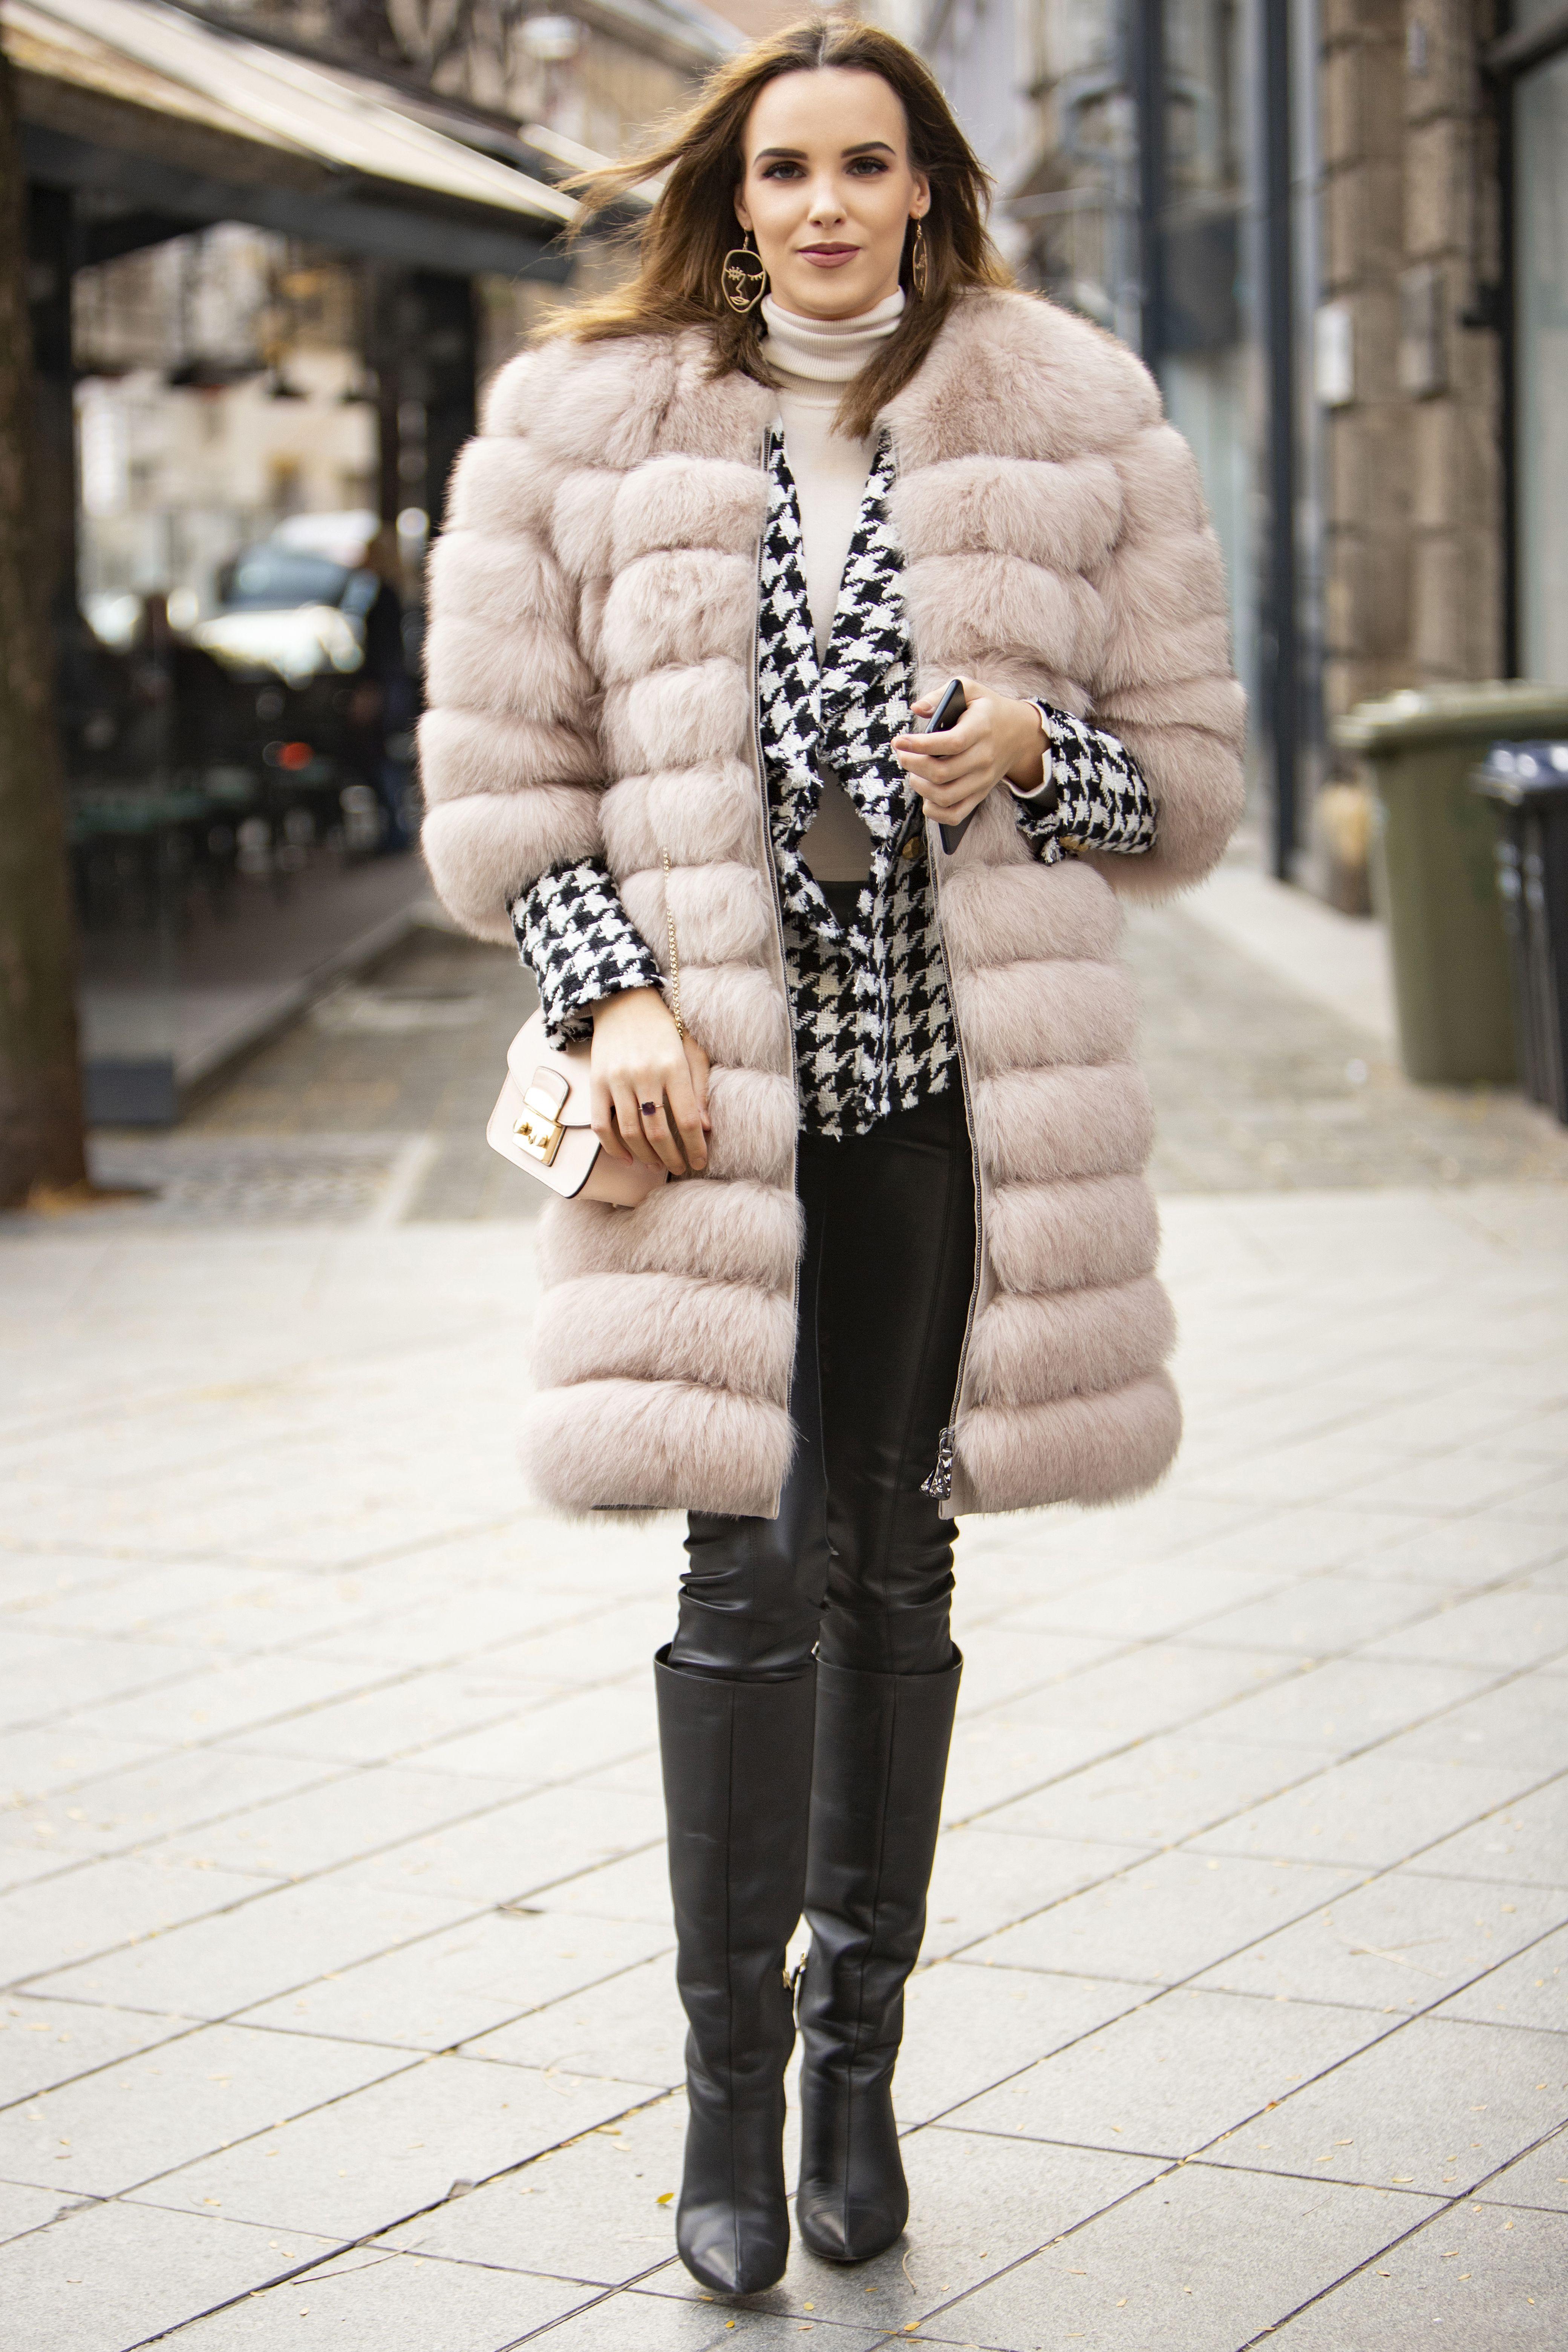 Visoke kožne čizme i krznena bunda: Lijepa vizažistica zna formulu izvrsnog stylinga